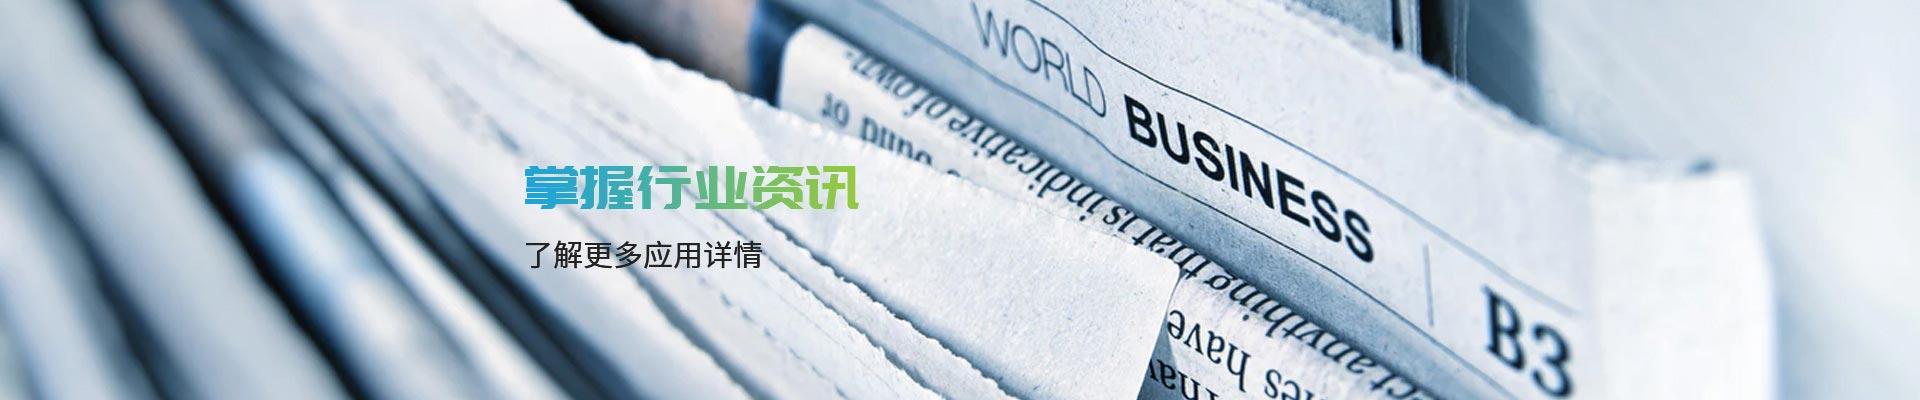 东颖光电-掌握行业资讯